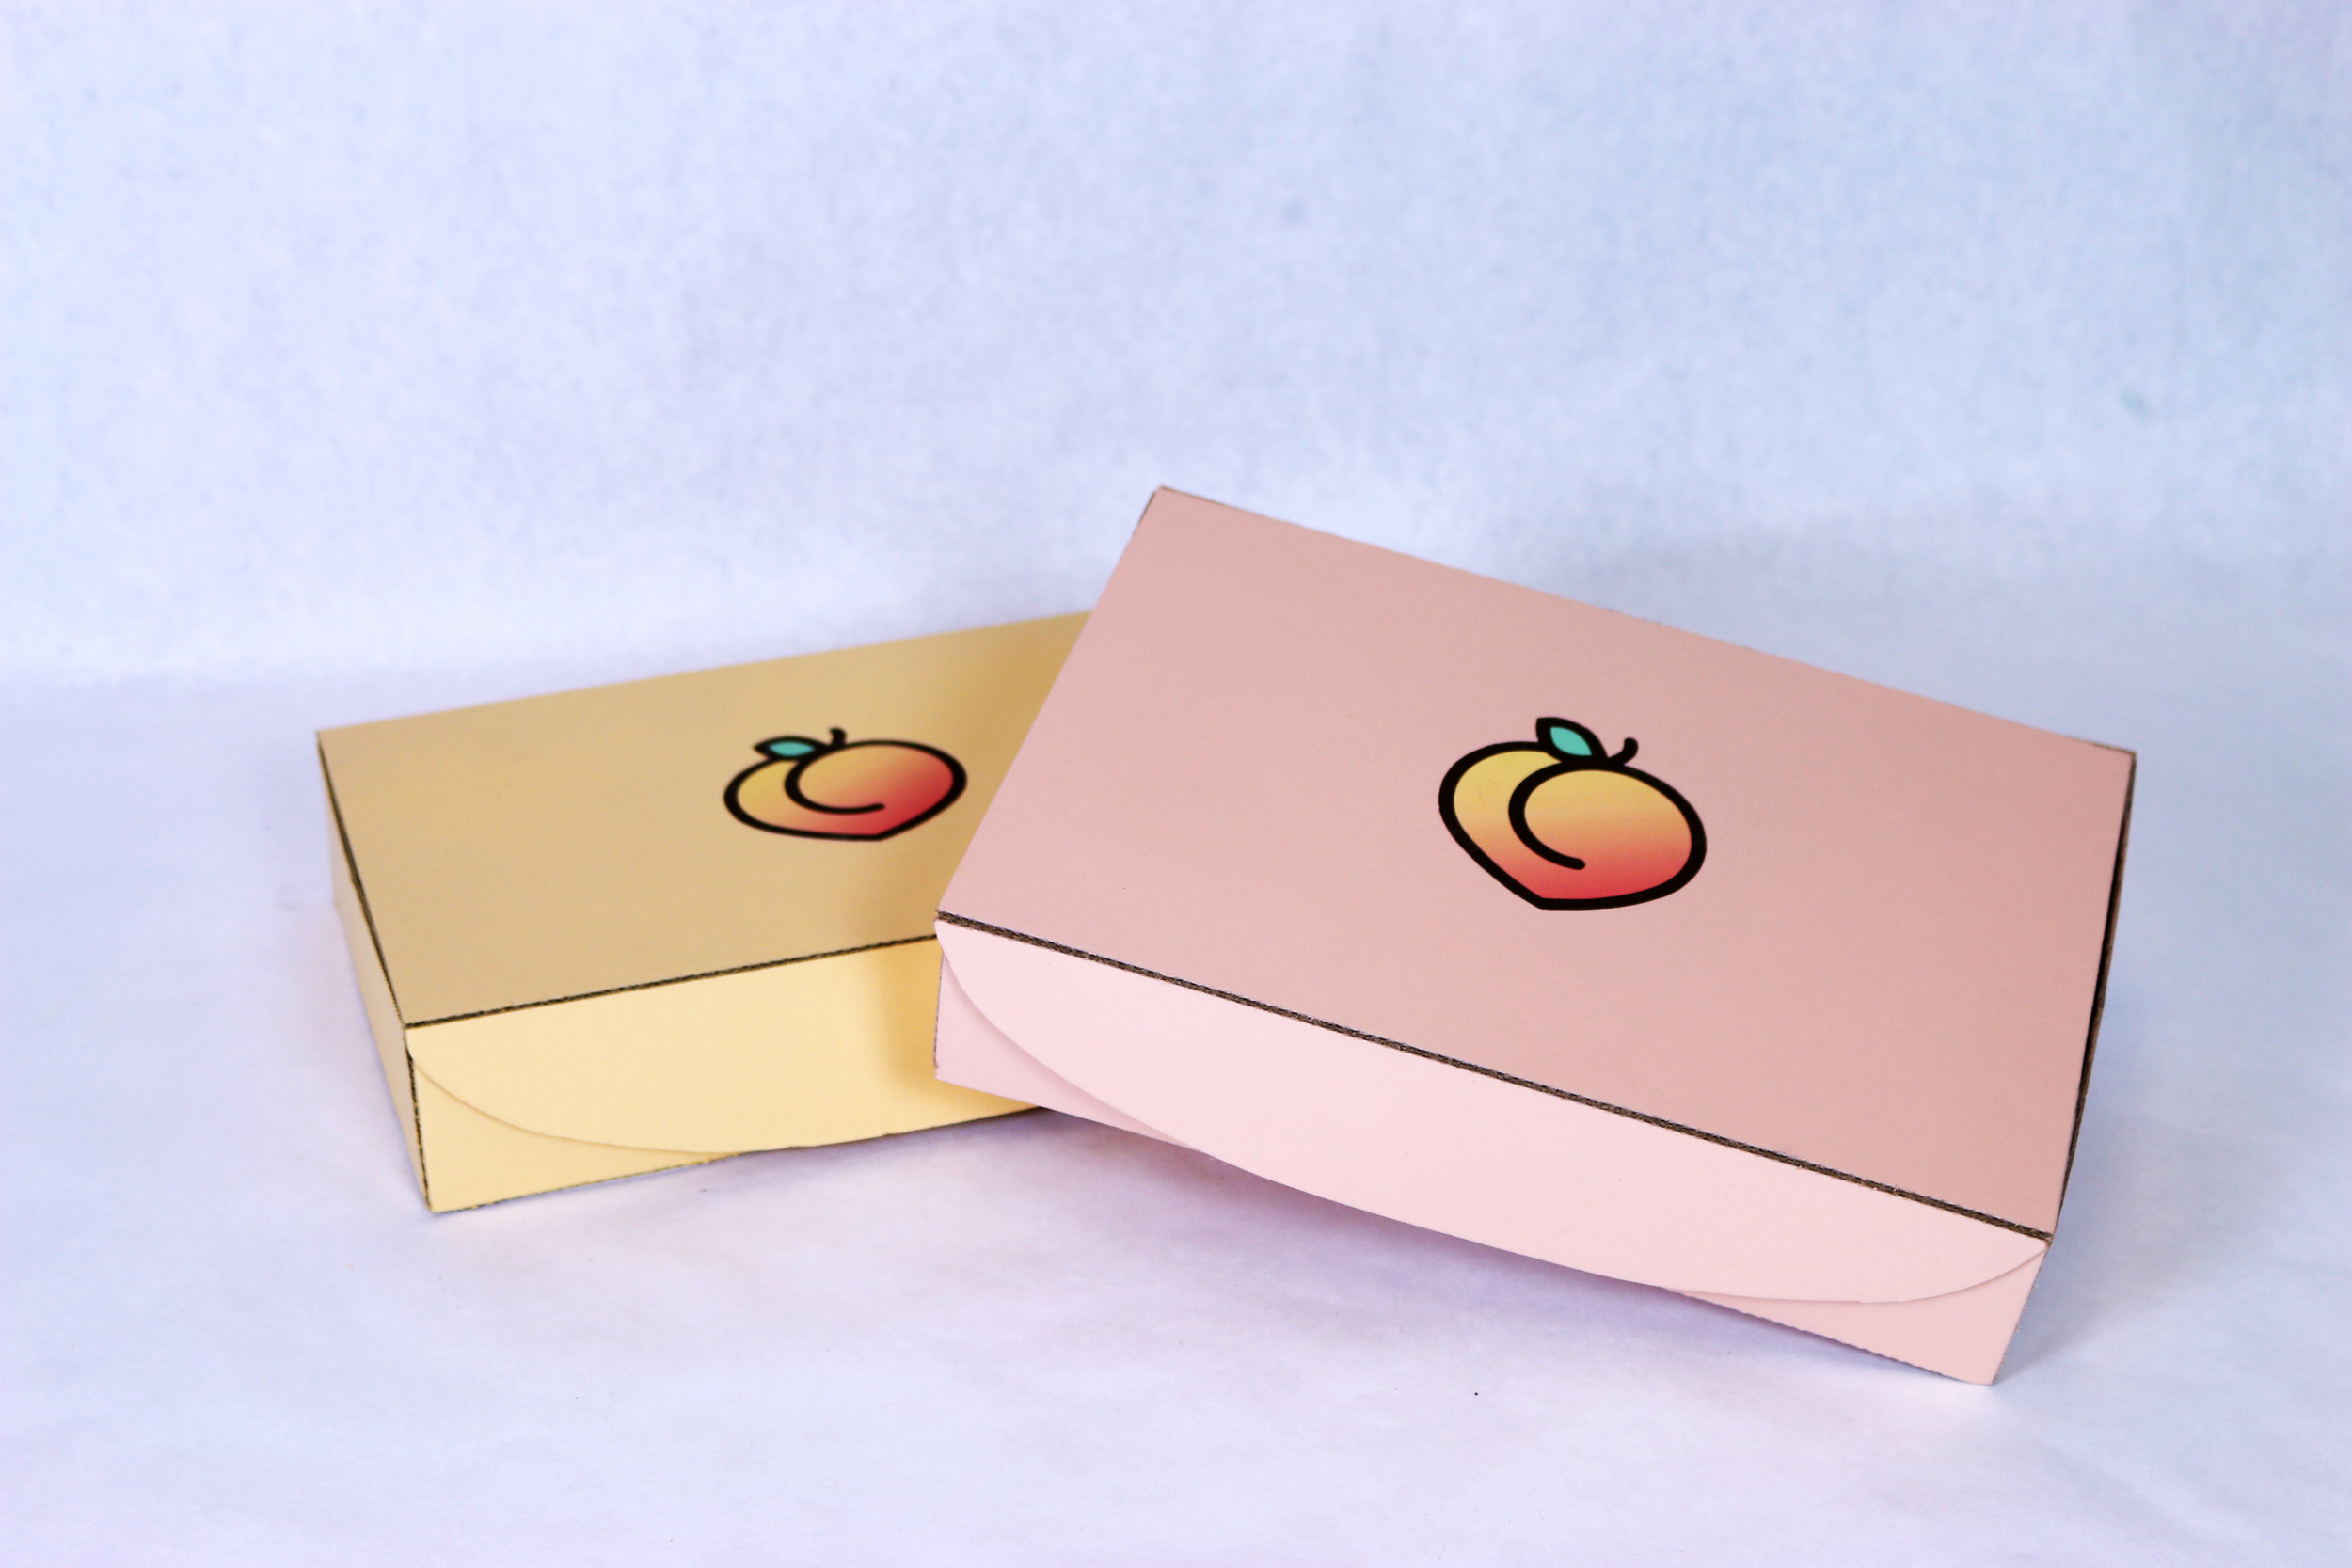 peachpackage.jpg